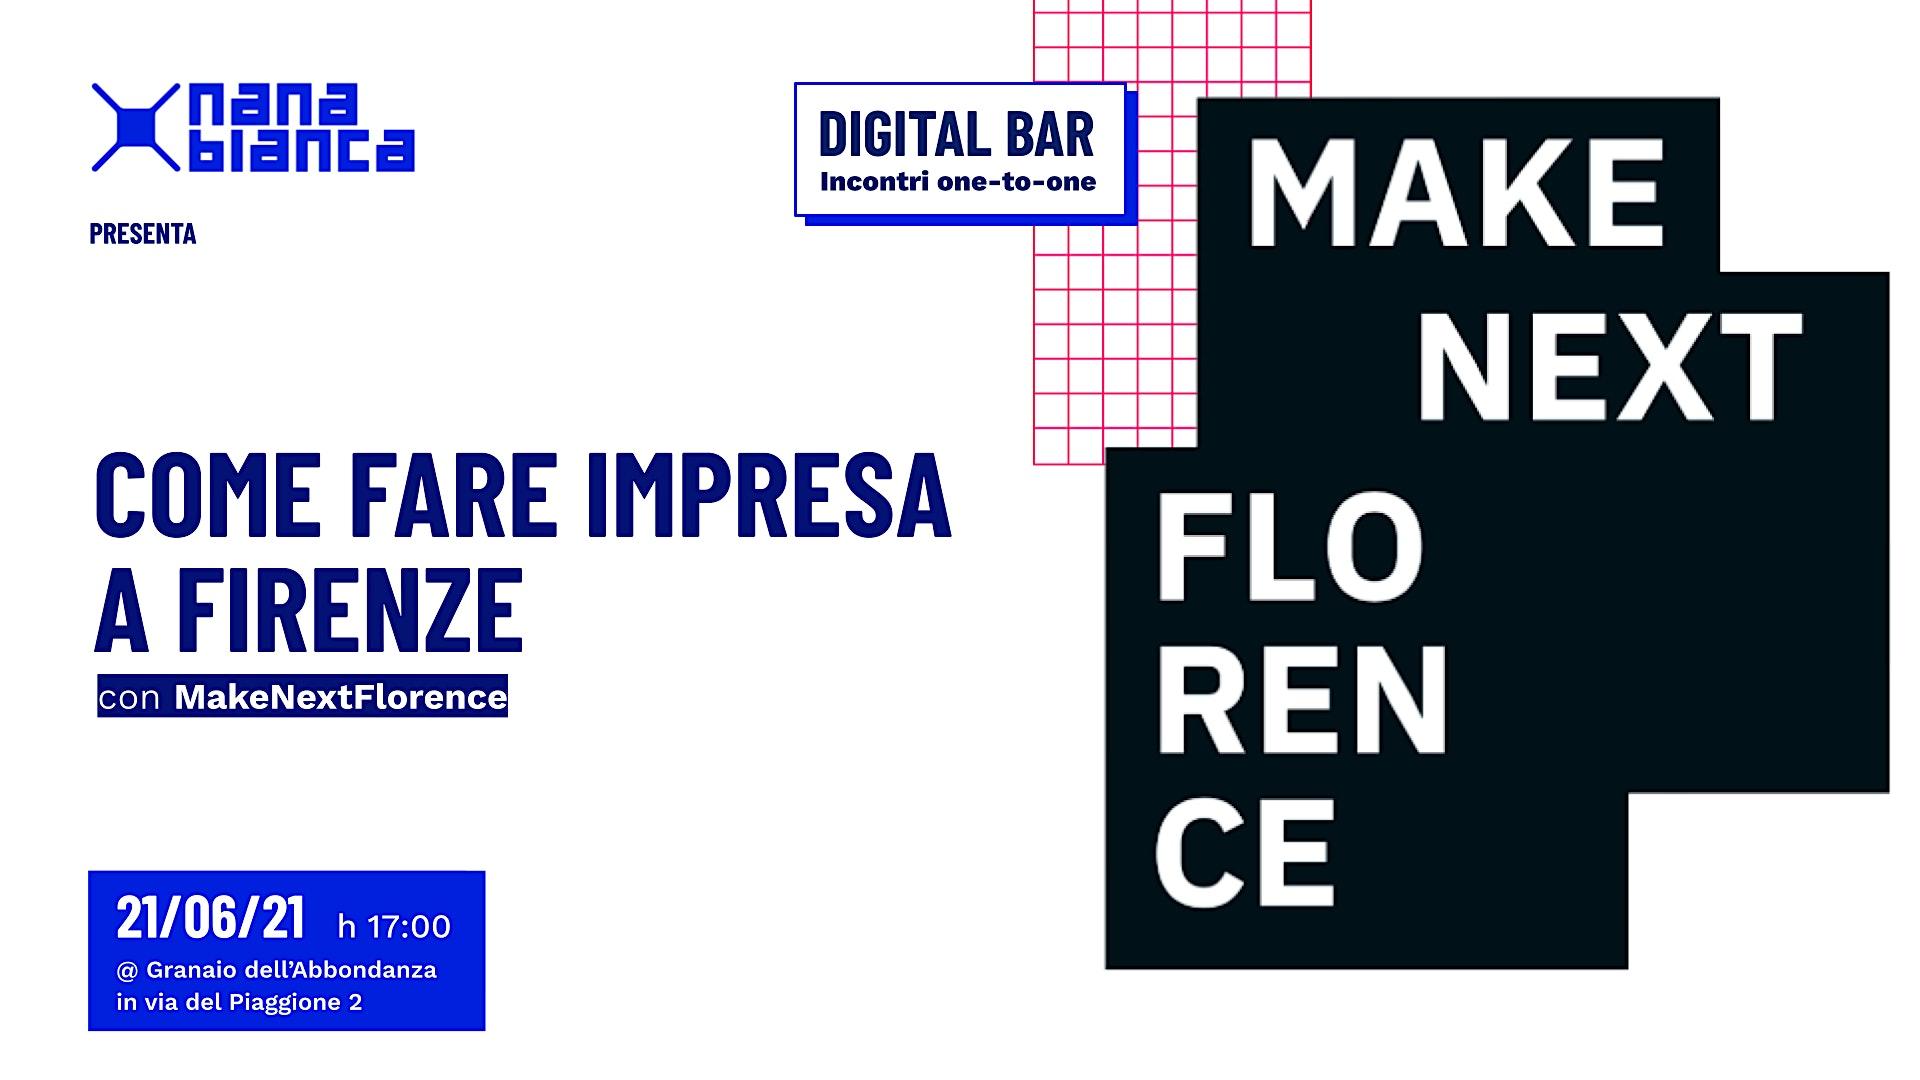 Digital Bar: Scopri come fare impresa a Firenze!